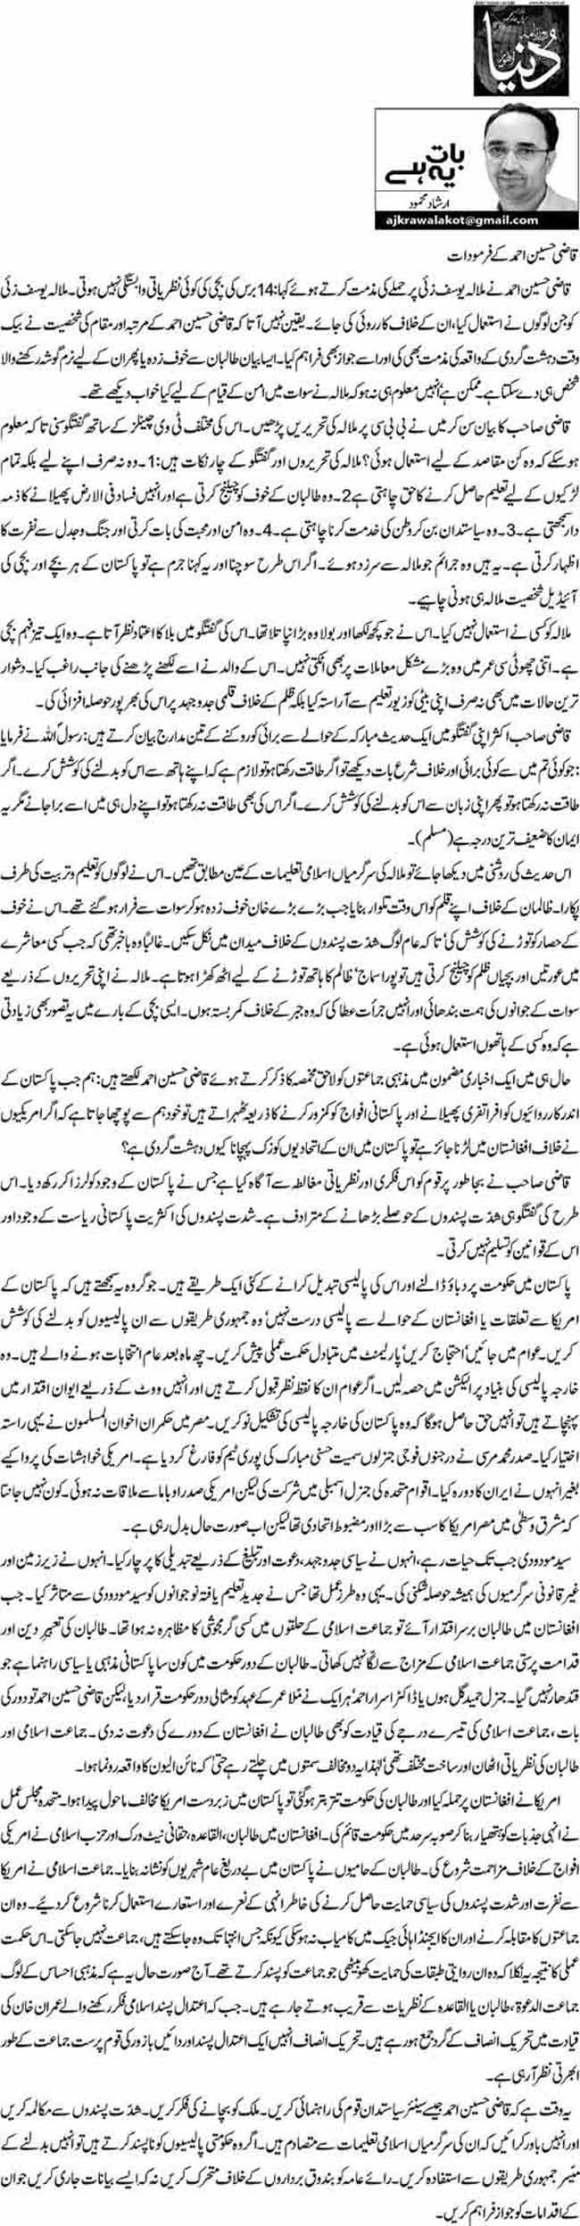 Qazi Hussain Ahmed k farmoodaat - Irshad Mehmood